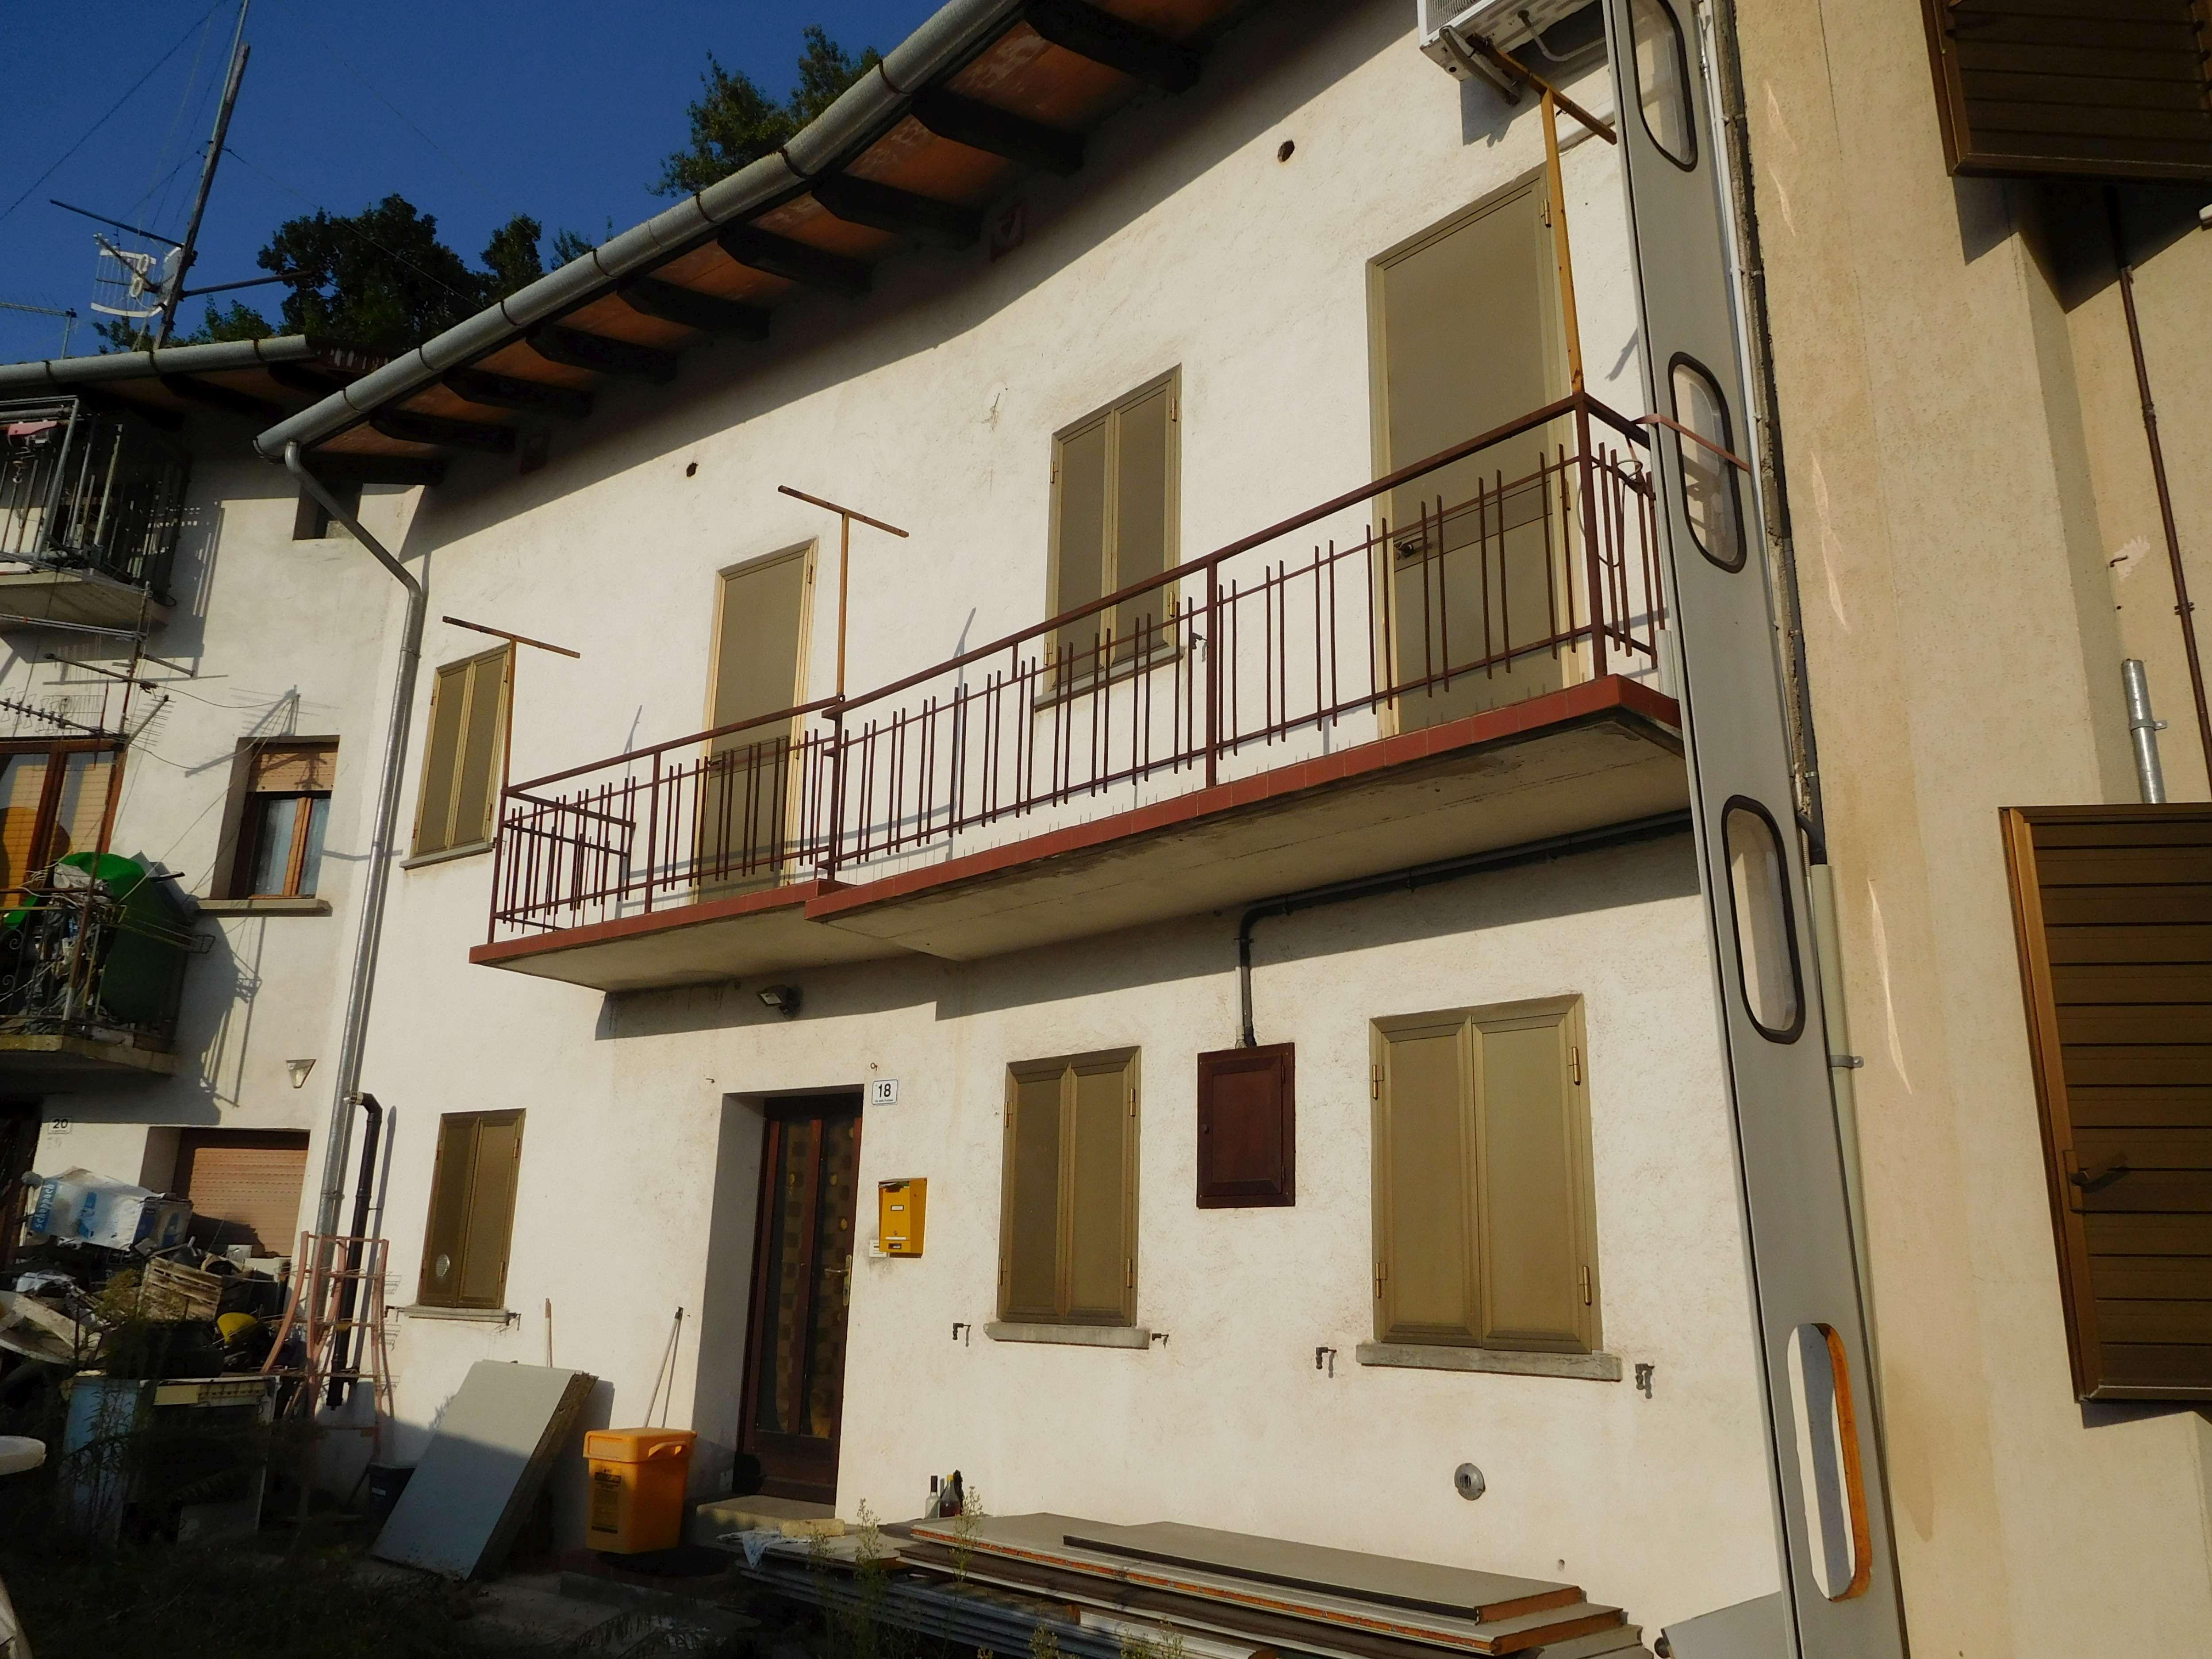 Abitazioni e Alloggi Tipici dei luoghi all'asta a Udine - foto 0